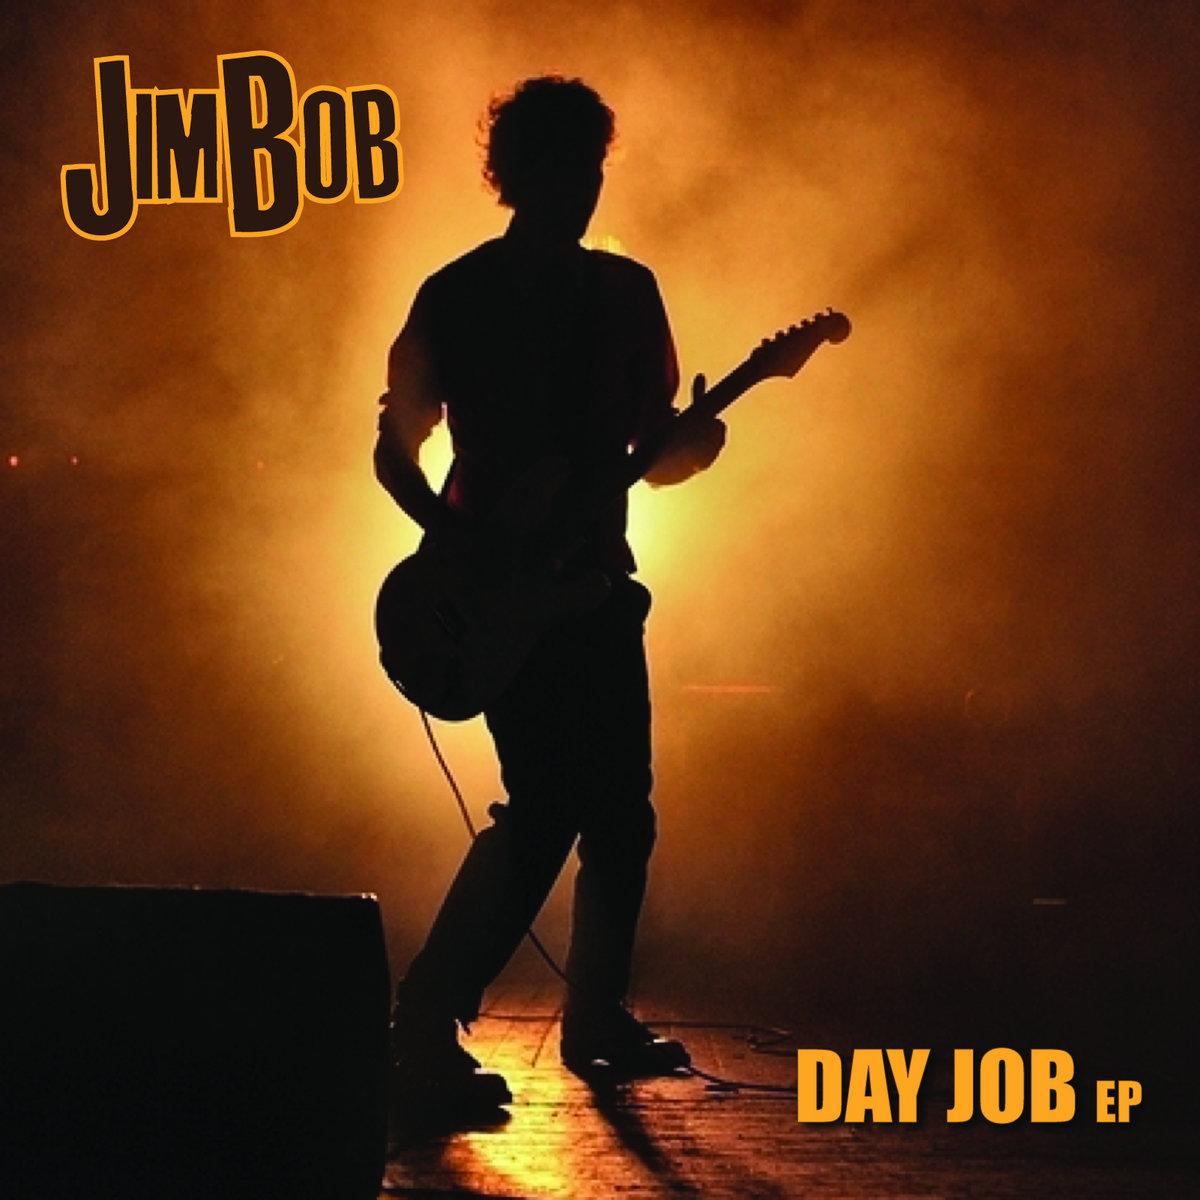 day job ep carter usm by jim bob